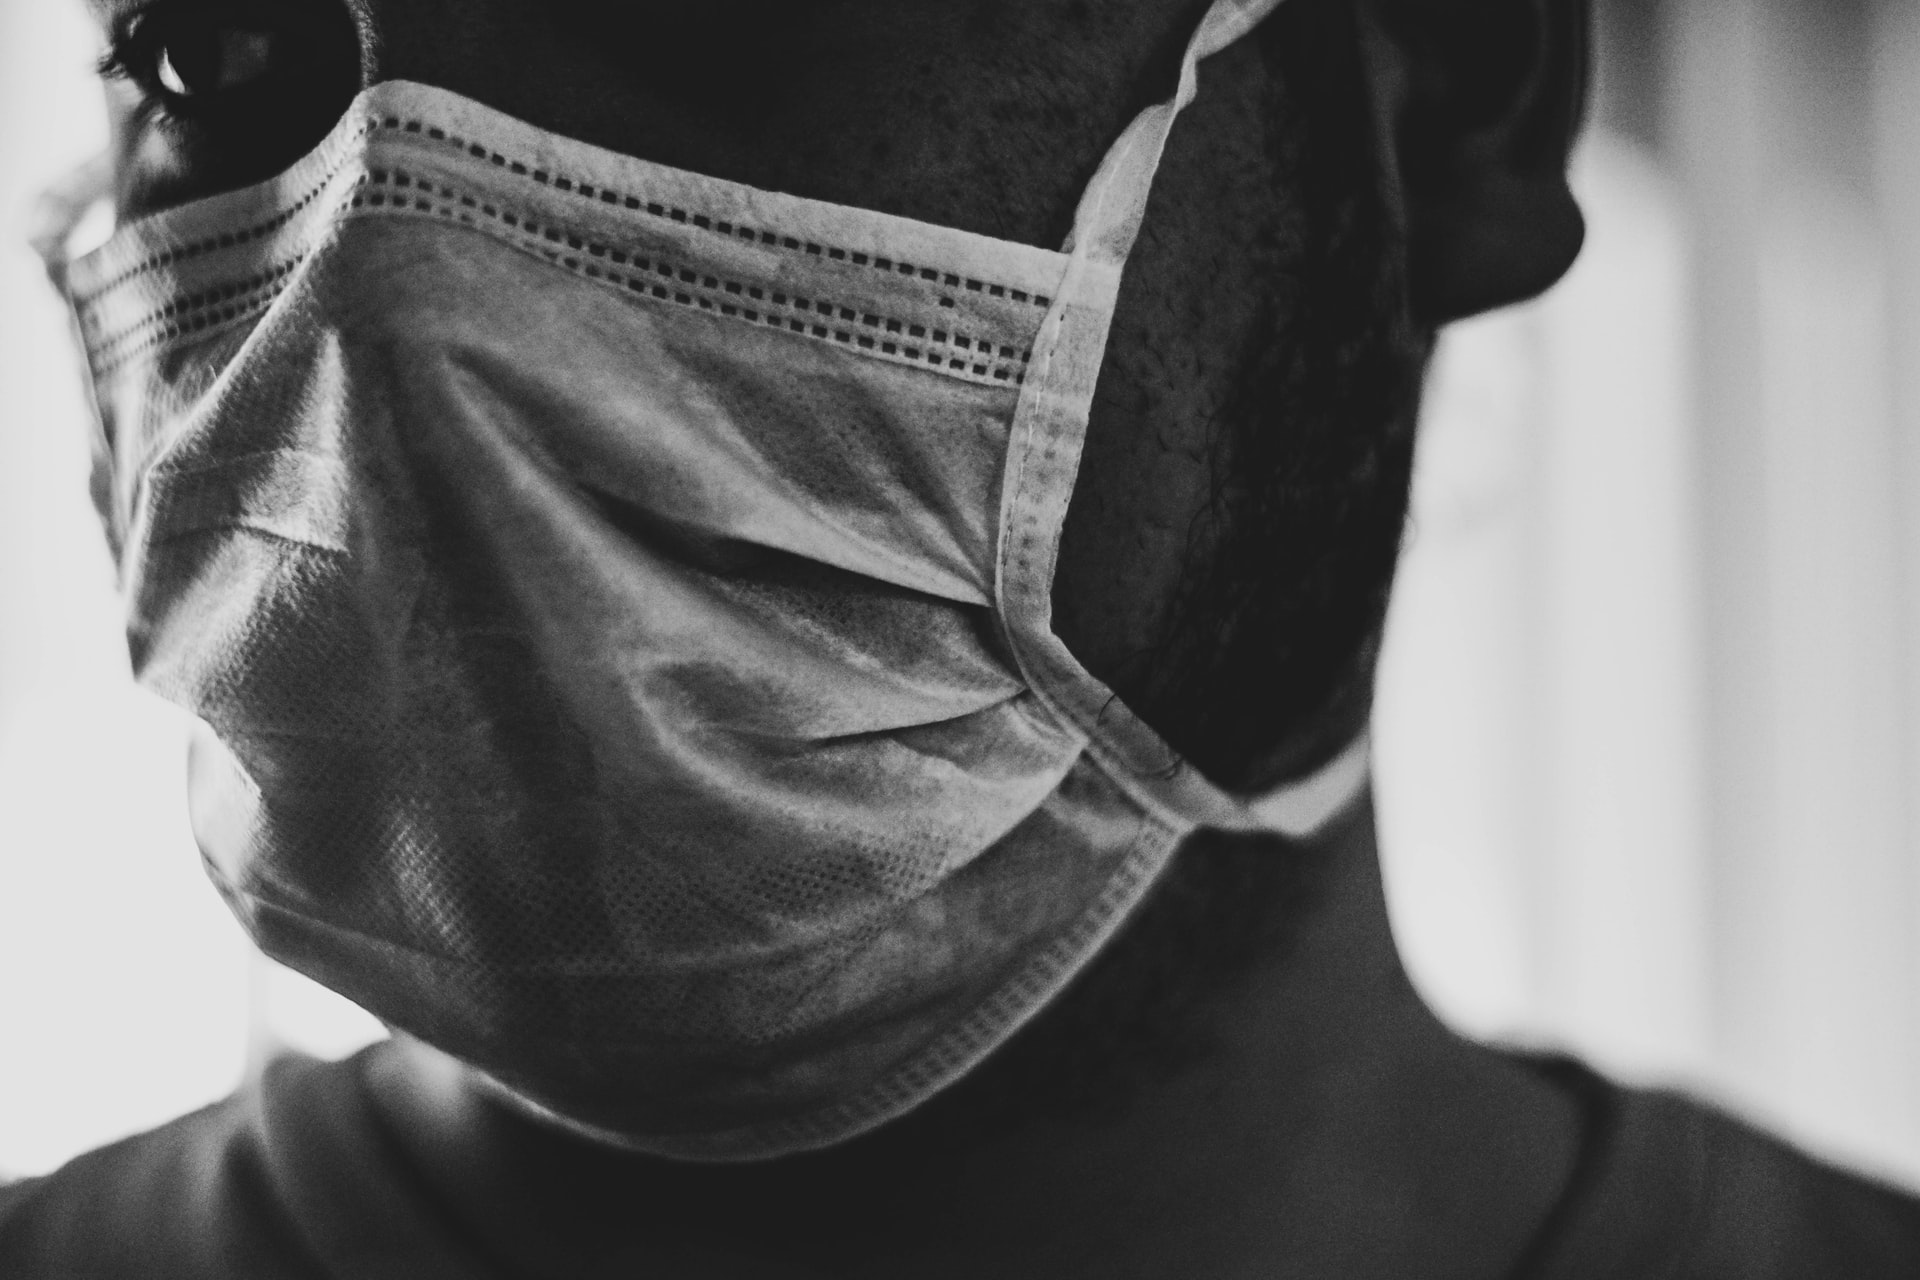 """Luego de un año de pandemia Estado declara mascarillas contra Covid-19 como """"bien público"""""""